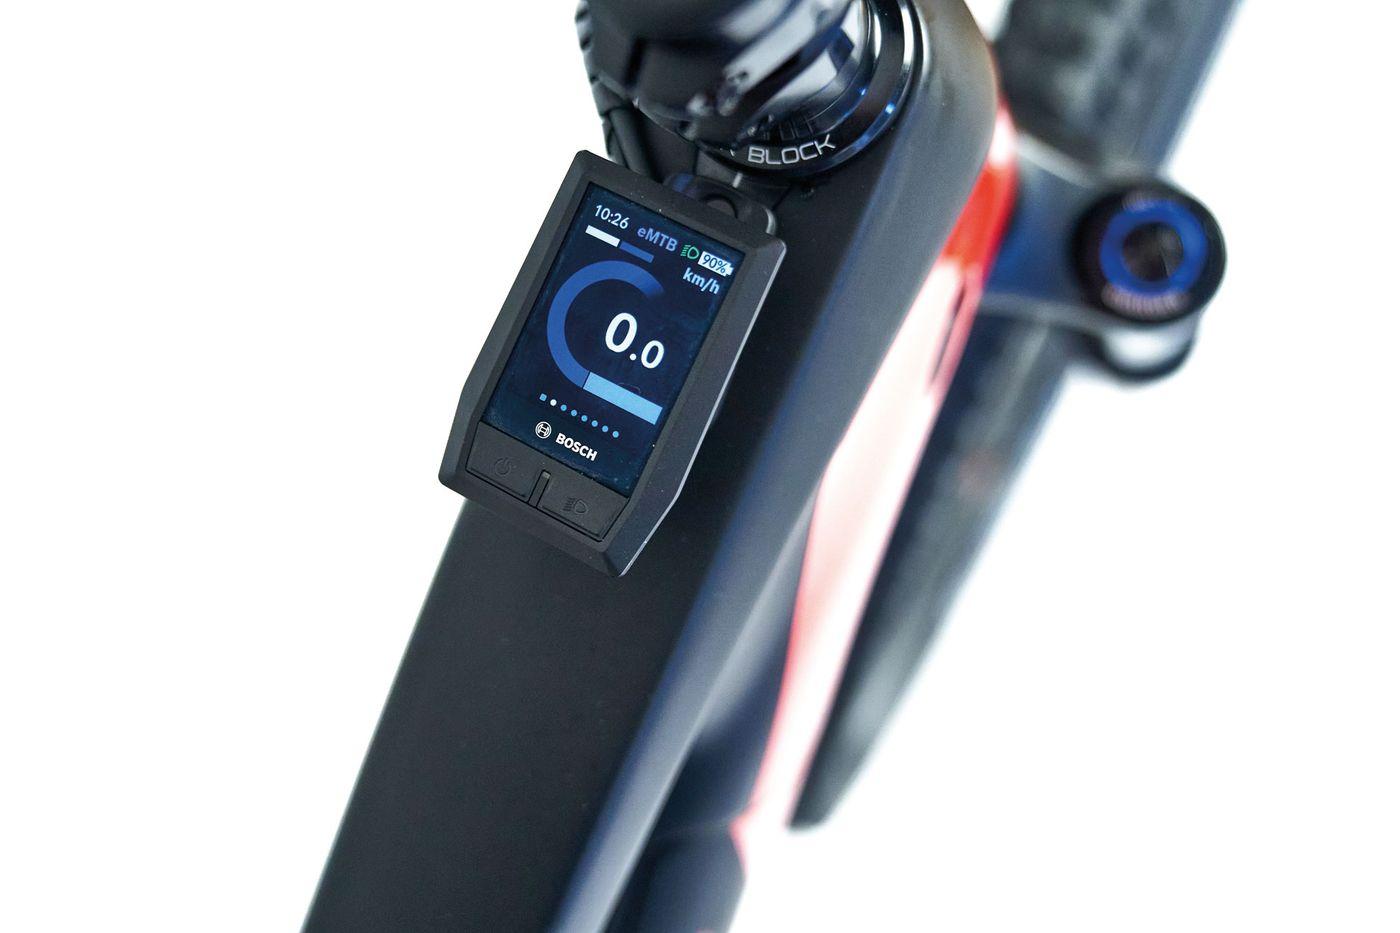 TREK-Rail-9.9-X01-AXS-Bosch-Kiox-Display